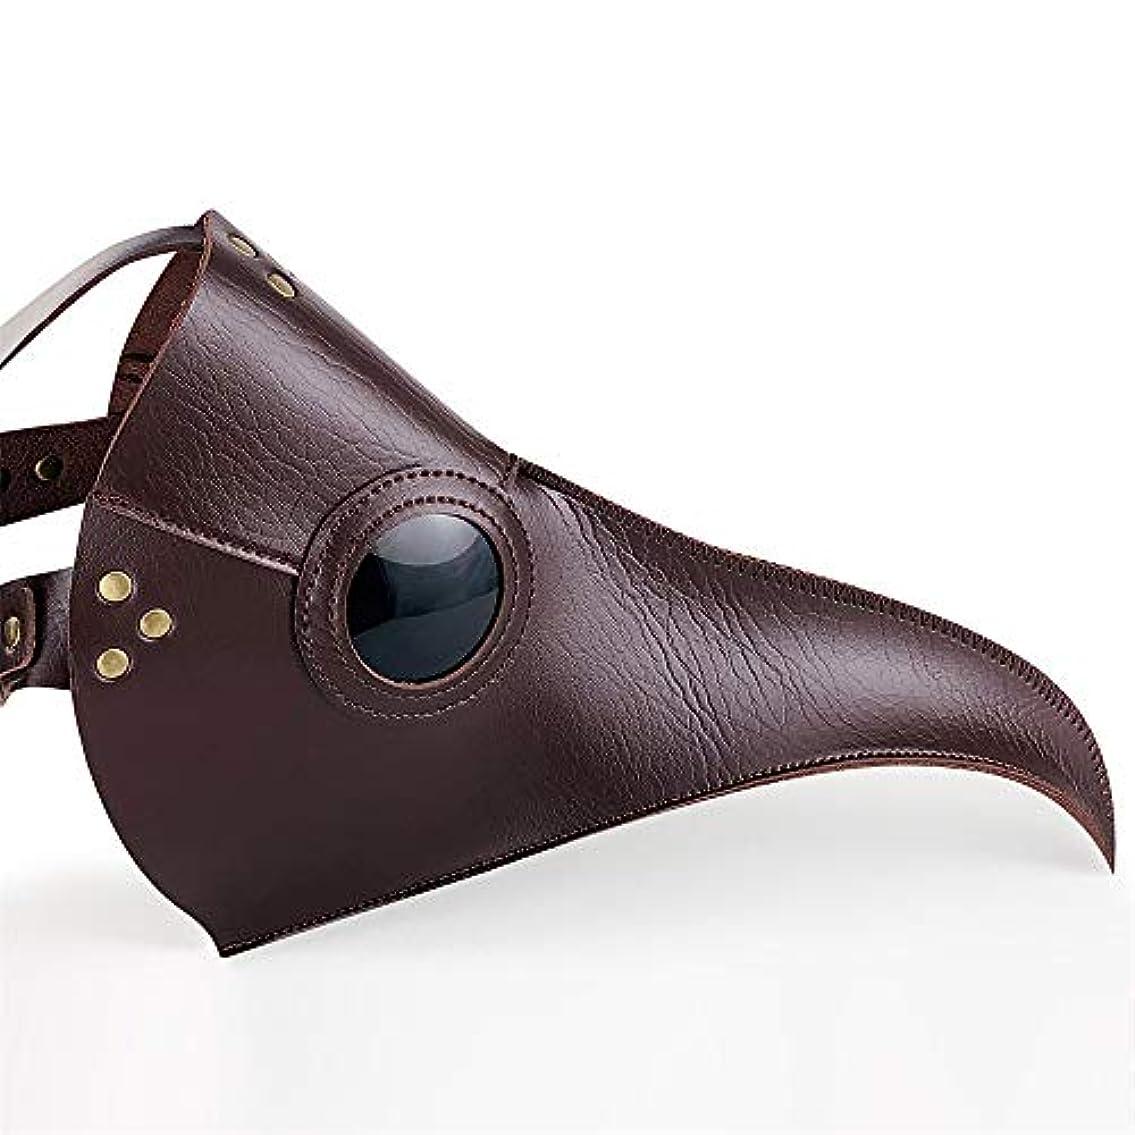 魅力的であることへのアピール社会主義者チャンバーロングビークマスクハロウィン小道具ギフト仮装マスク